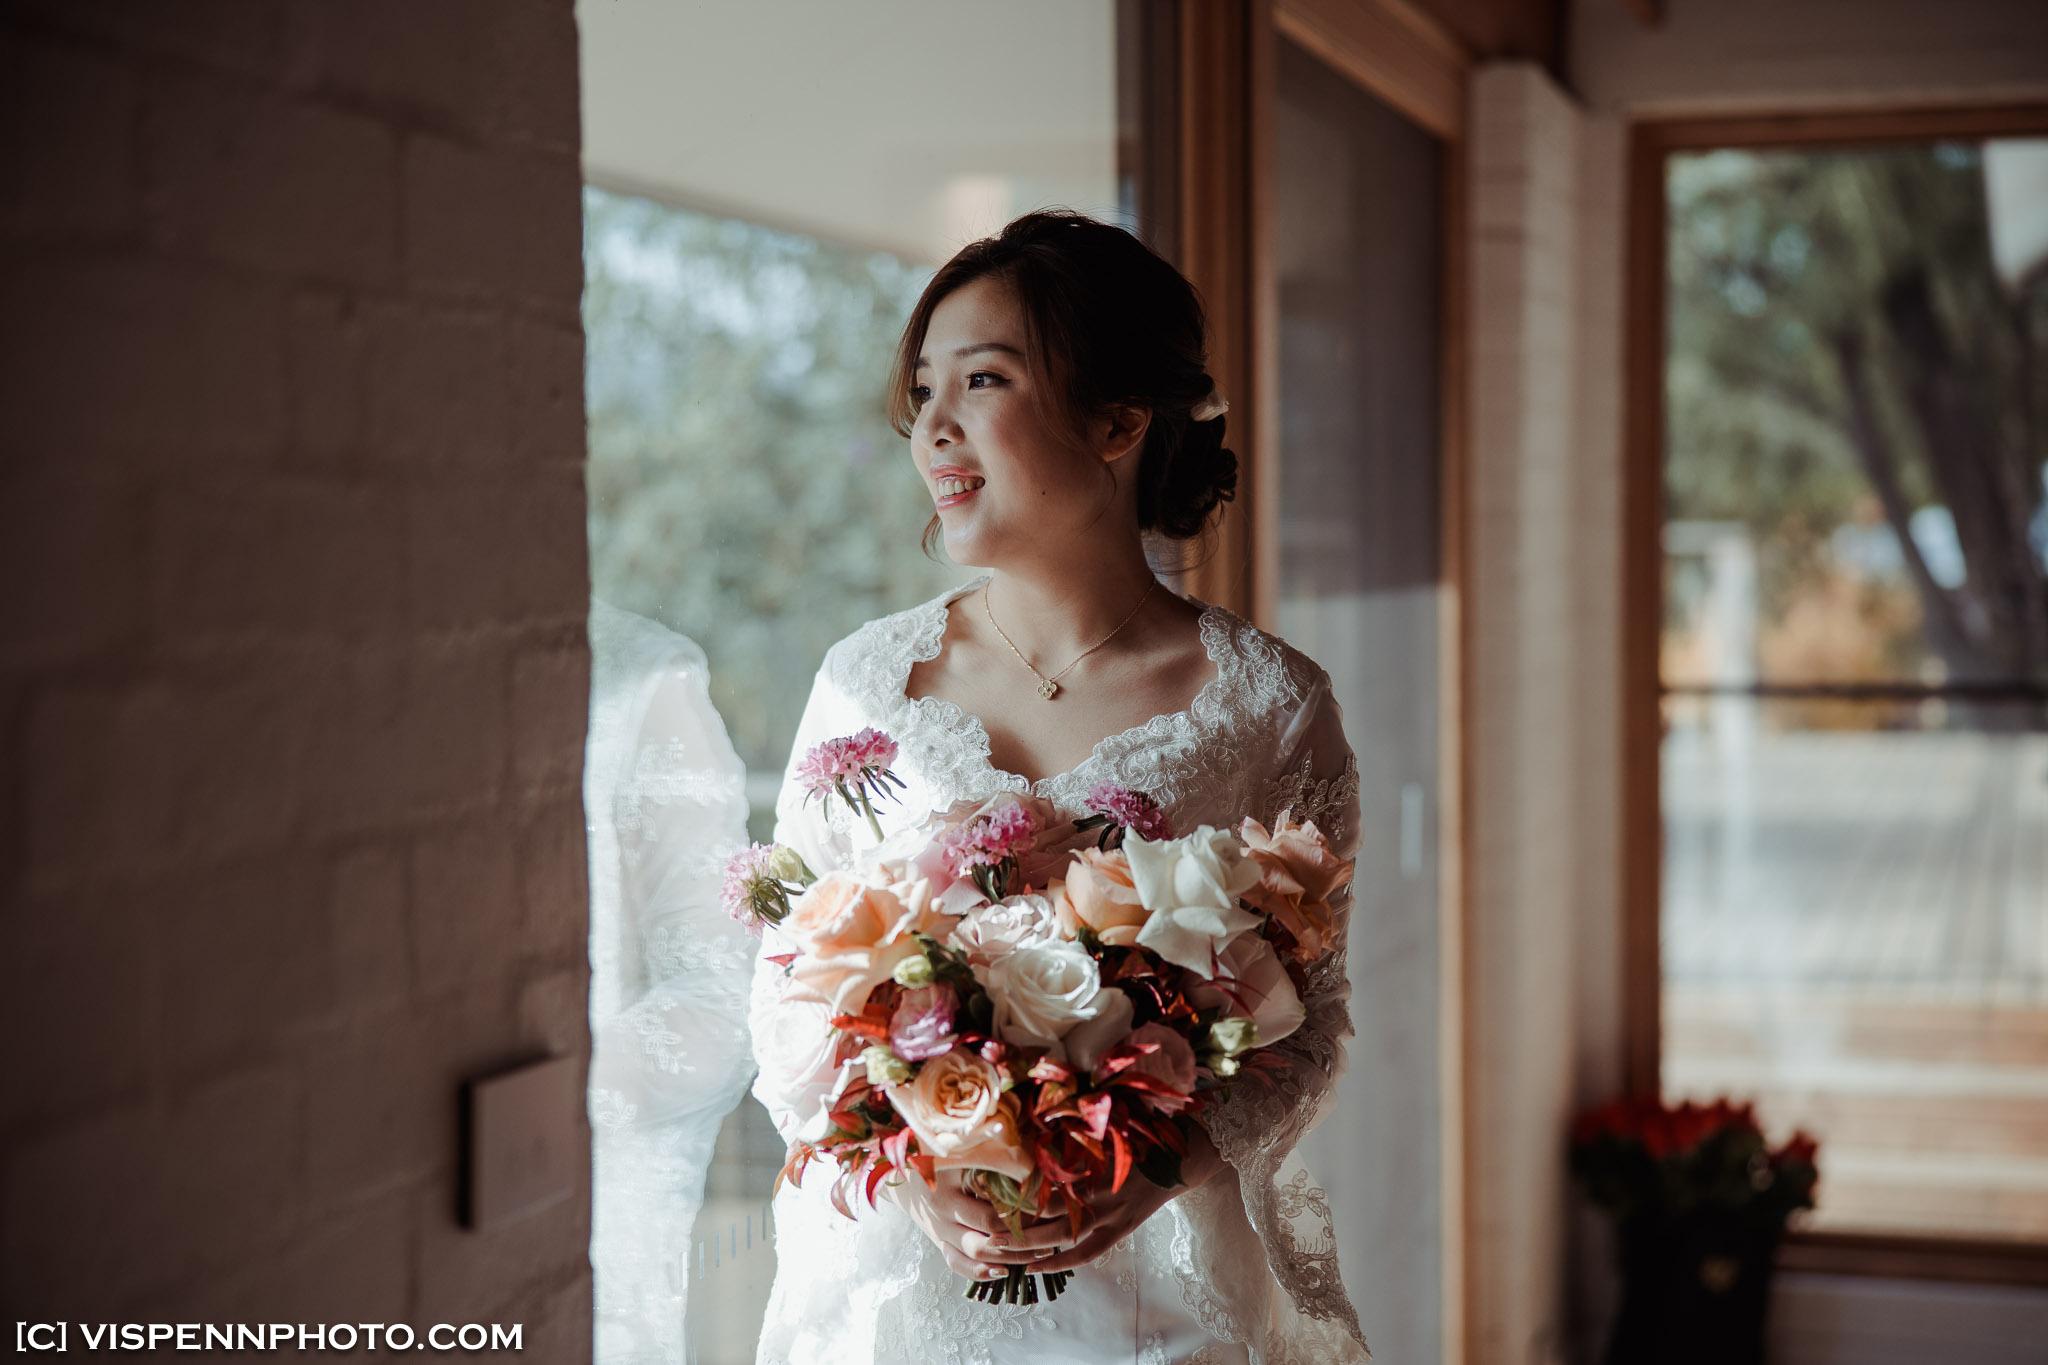 WEDDING DAY Photography Melbourne DominicHelen 1P 2213 EOSR ZHPENN